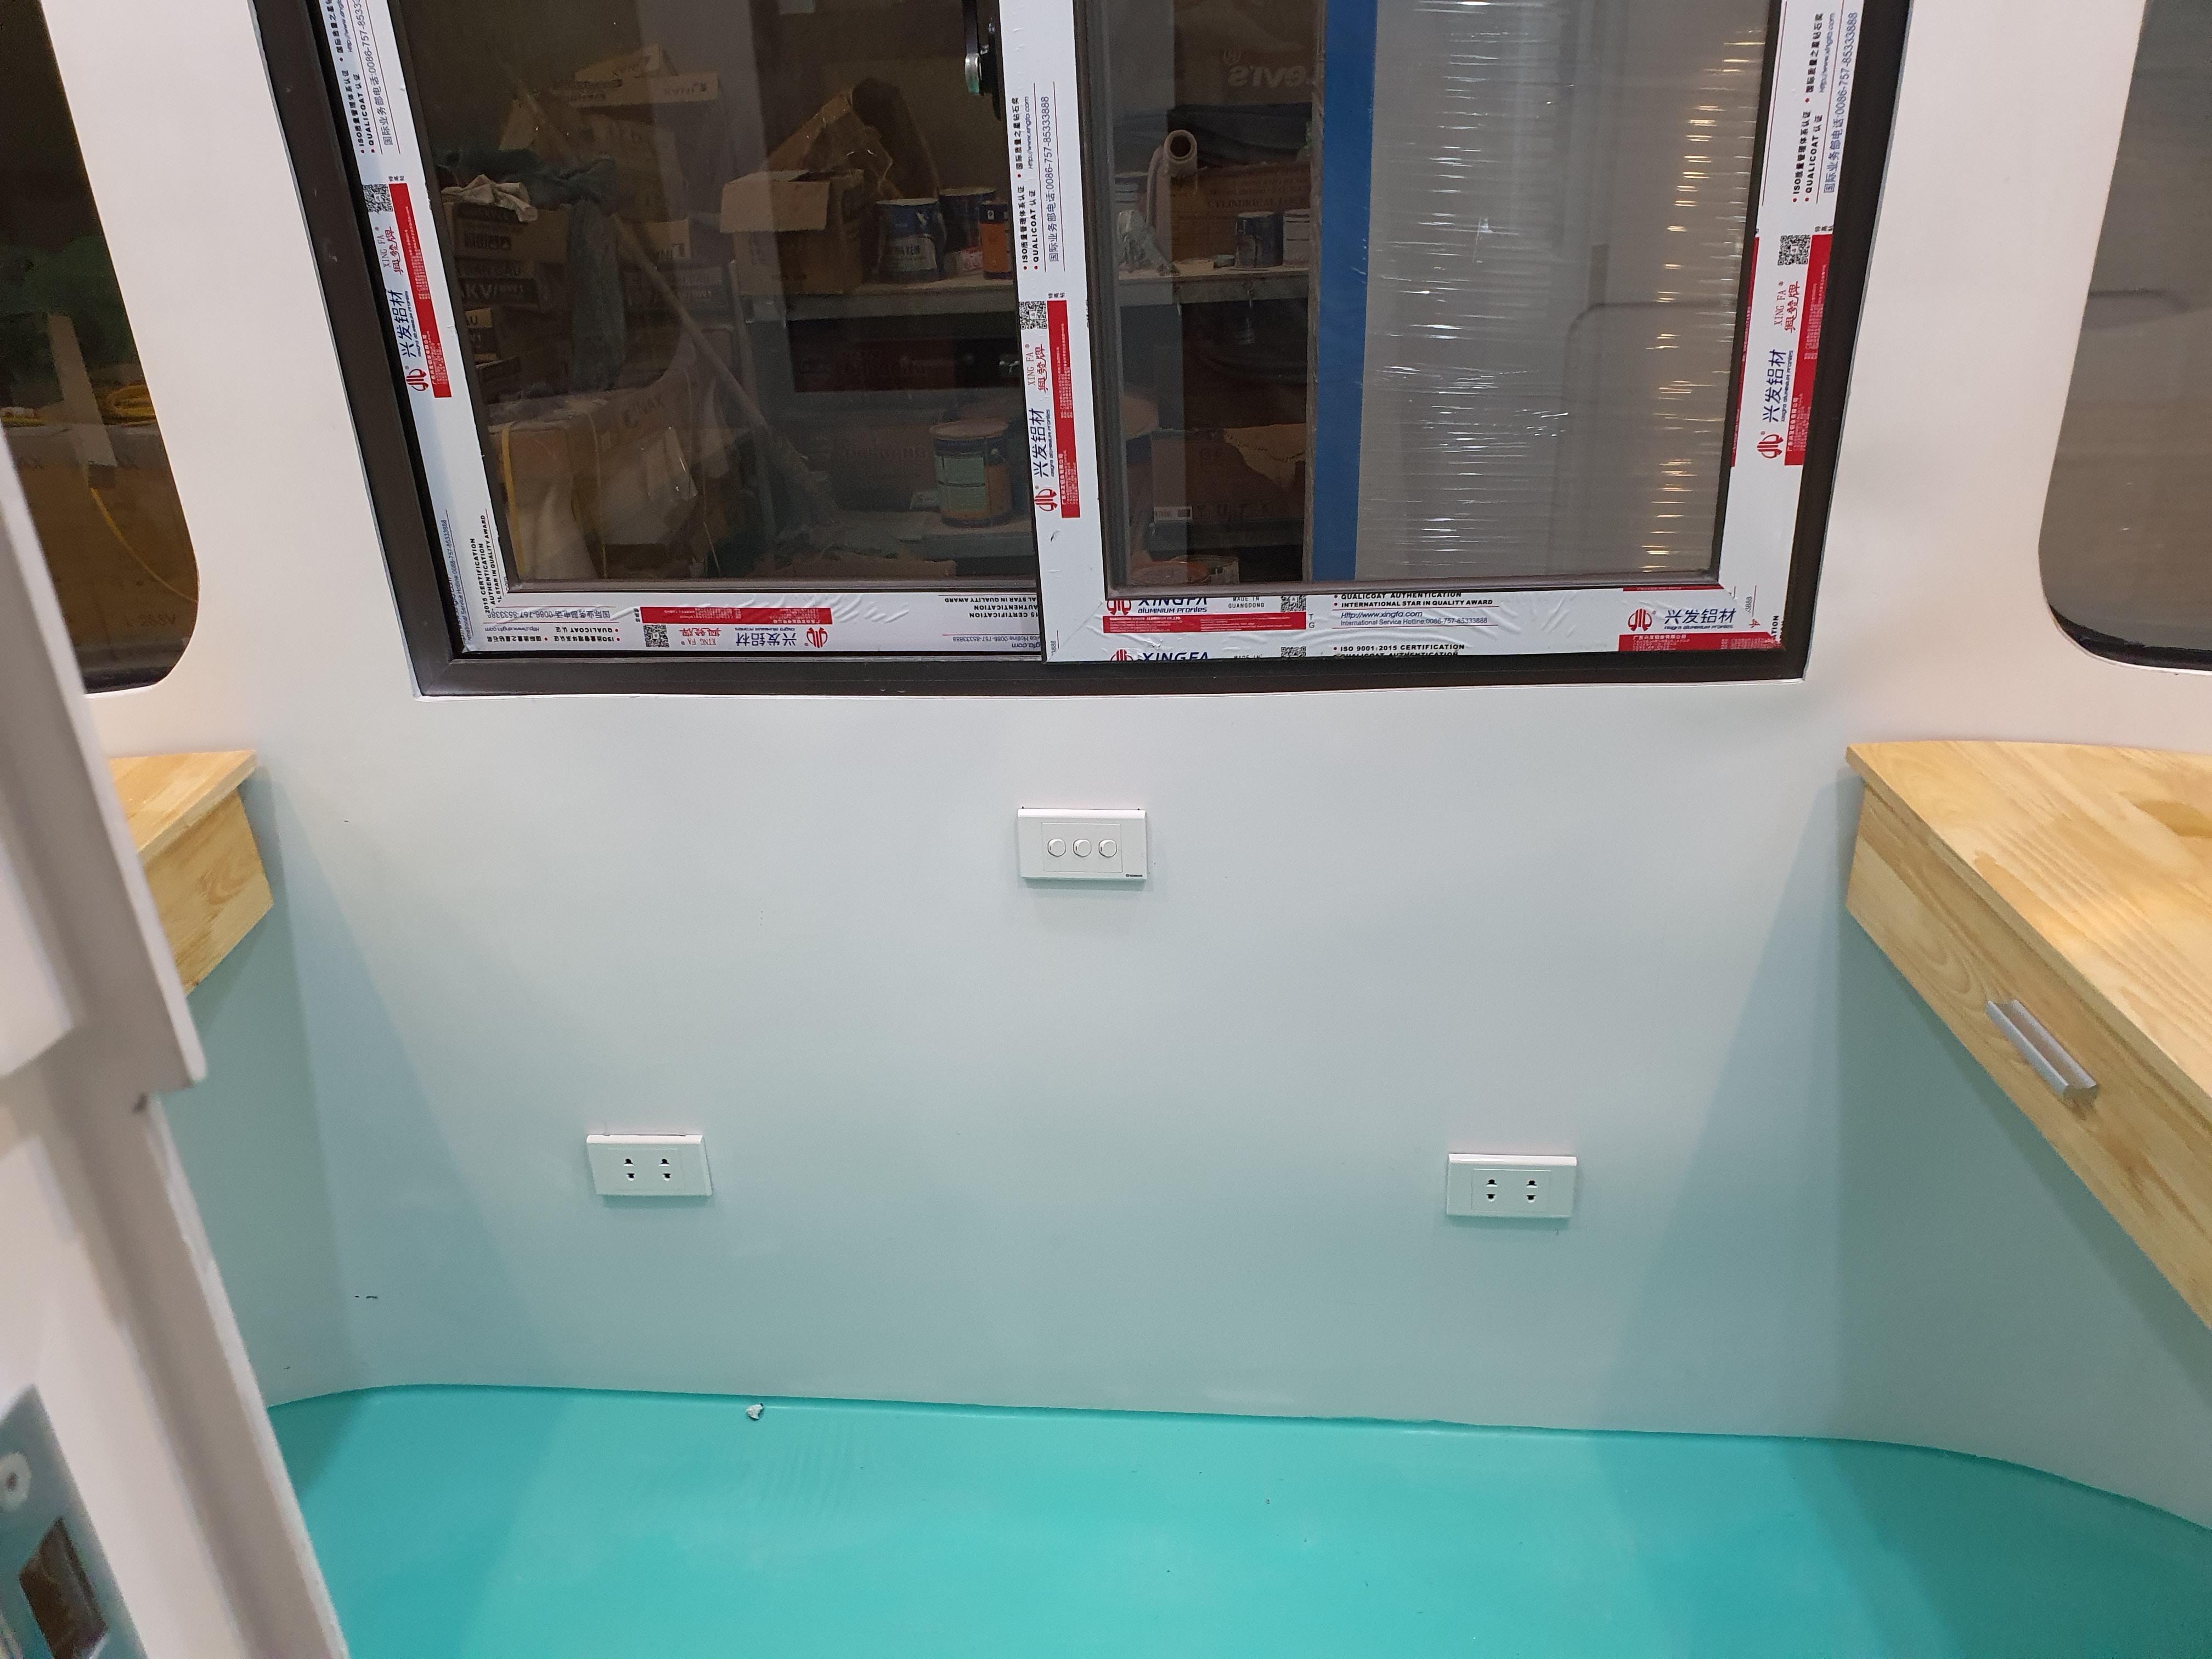 Hệ thống điện âm tường với 3 ổ cắm đôi và có atomat bảo vệ an toàn